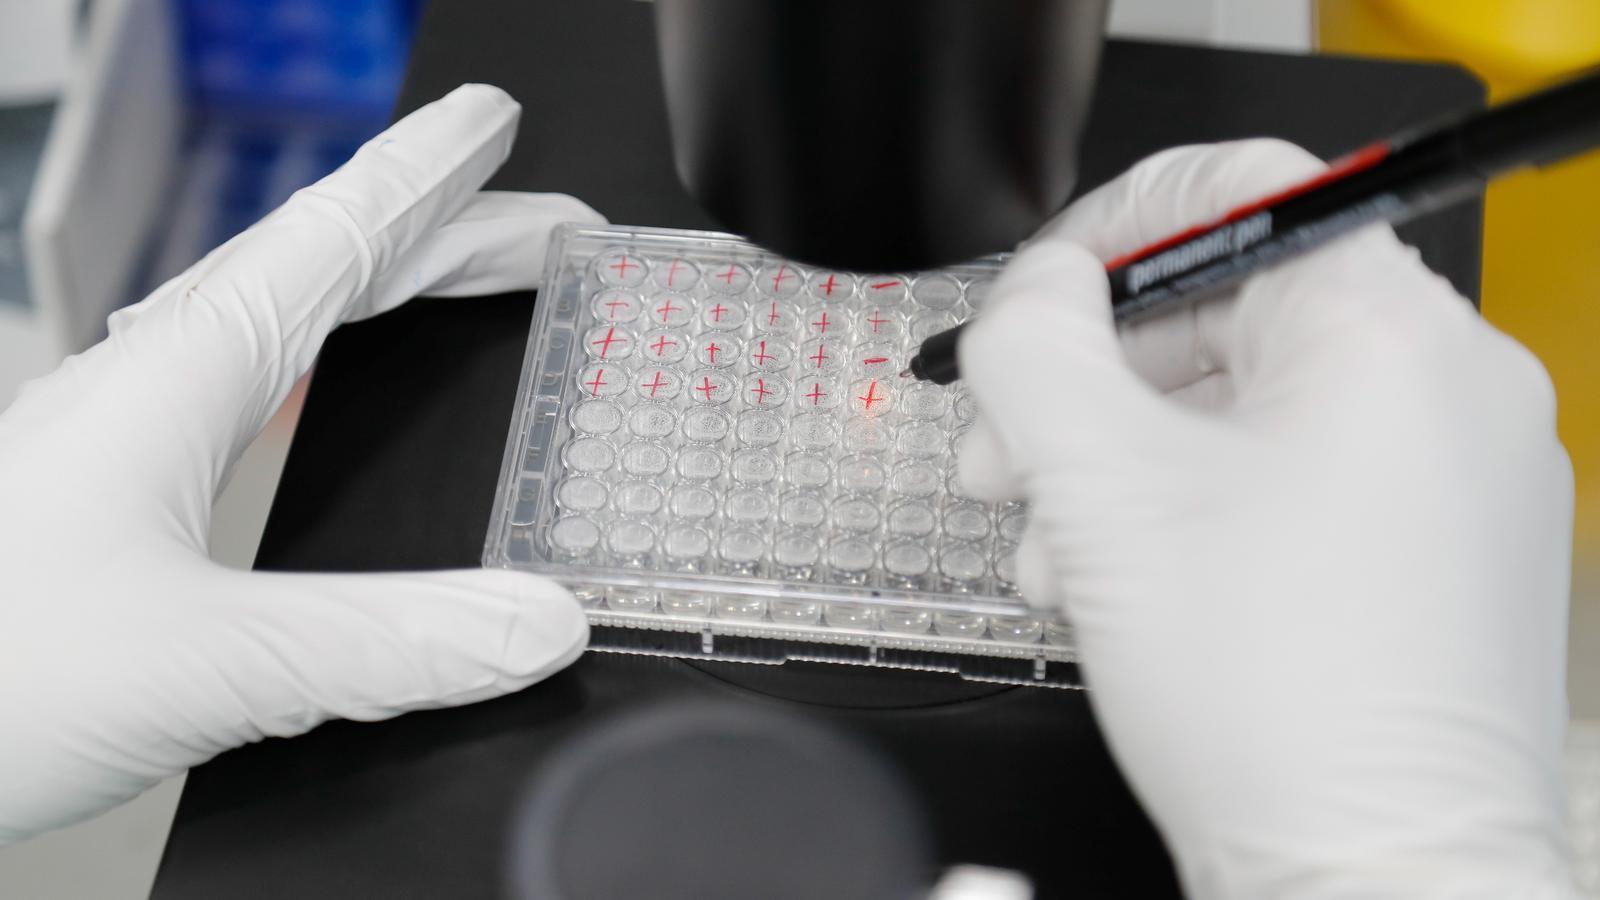 Treballs d'investigació en un laboratori rus que desenvolupa la seva pròpia vacuna contra el covid-19